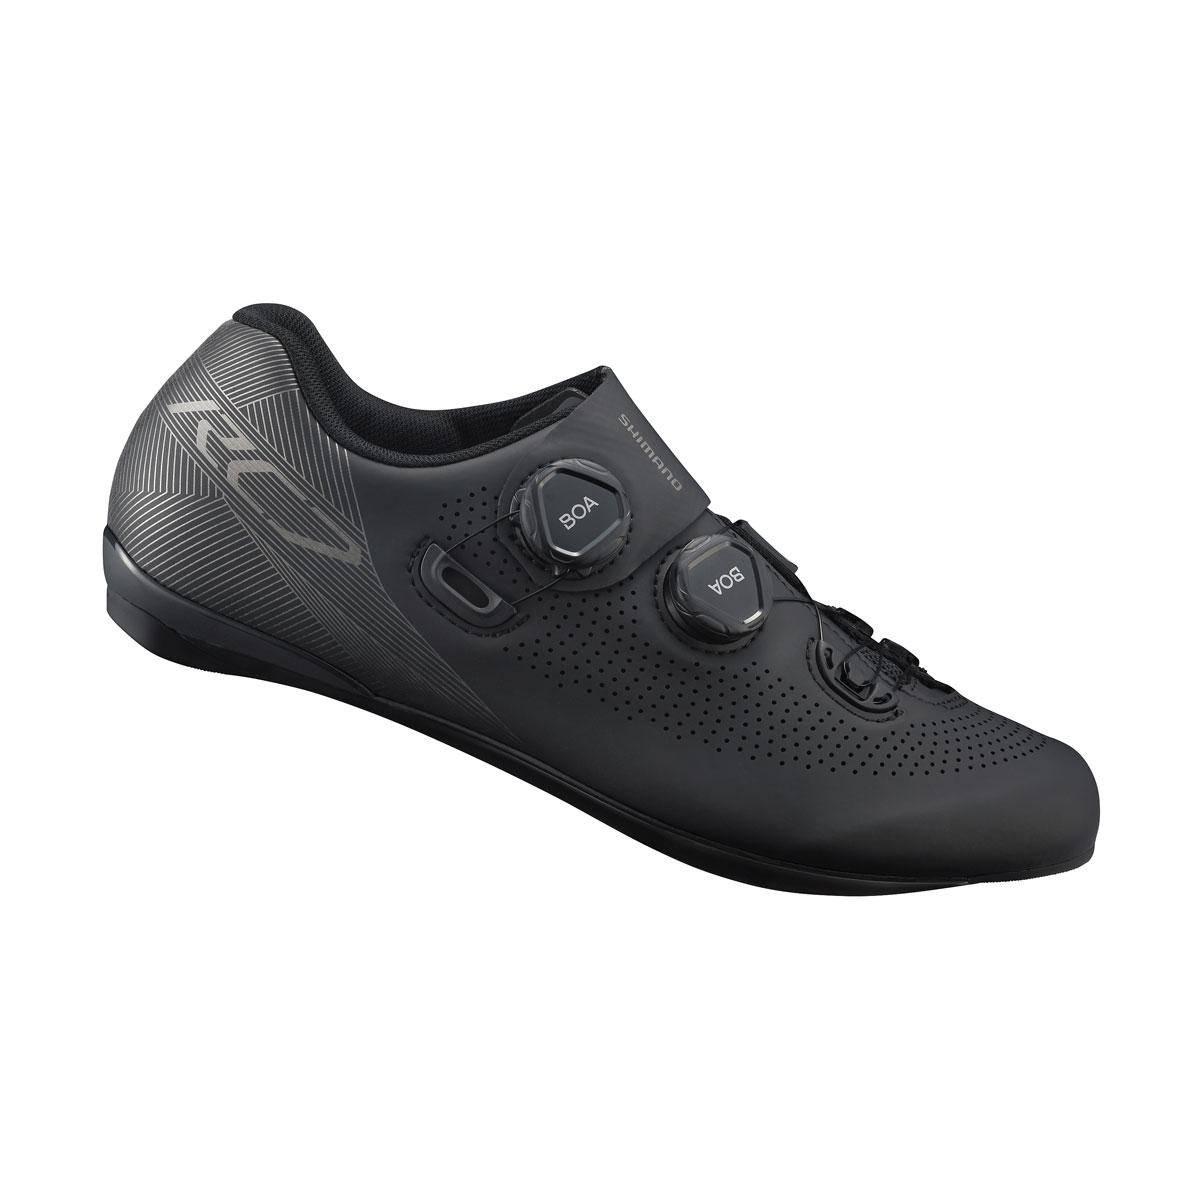 SHIMANO silniční obuv SH-RC701ML, černá, 41